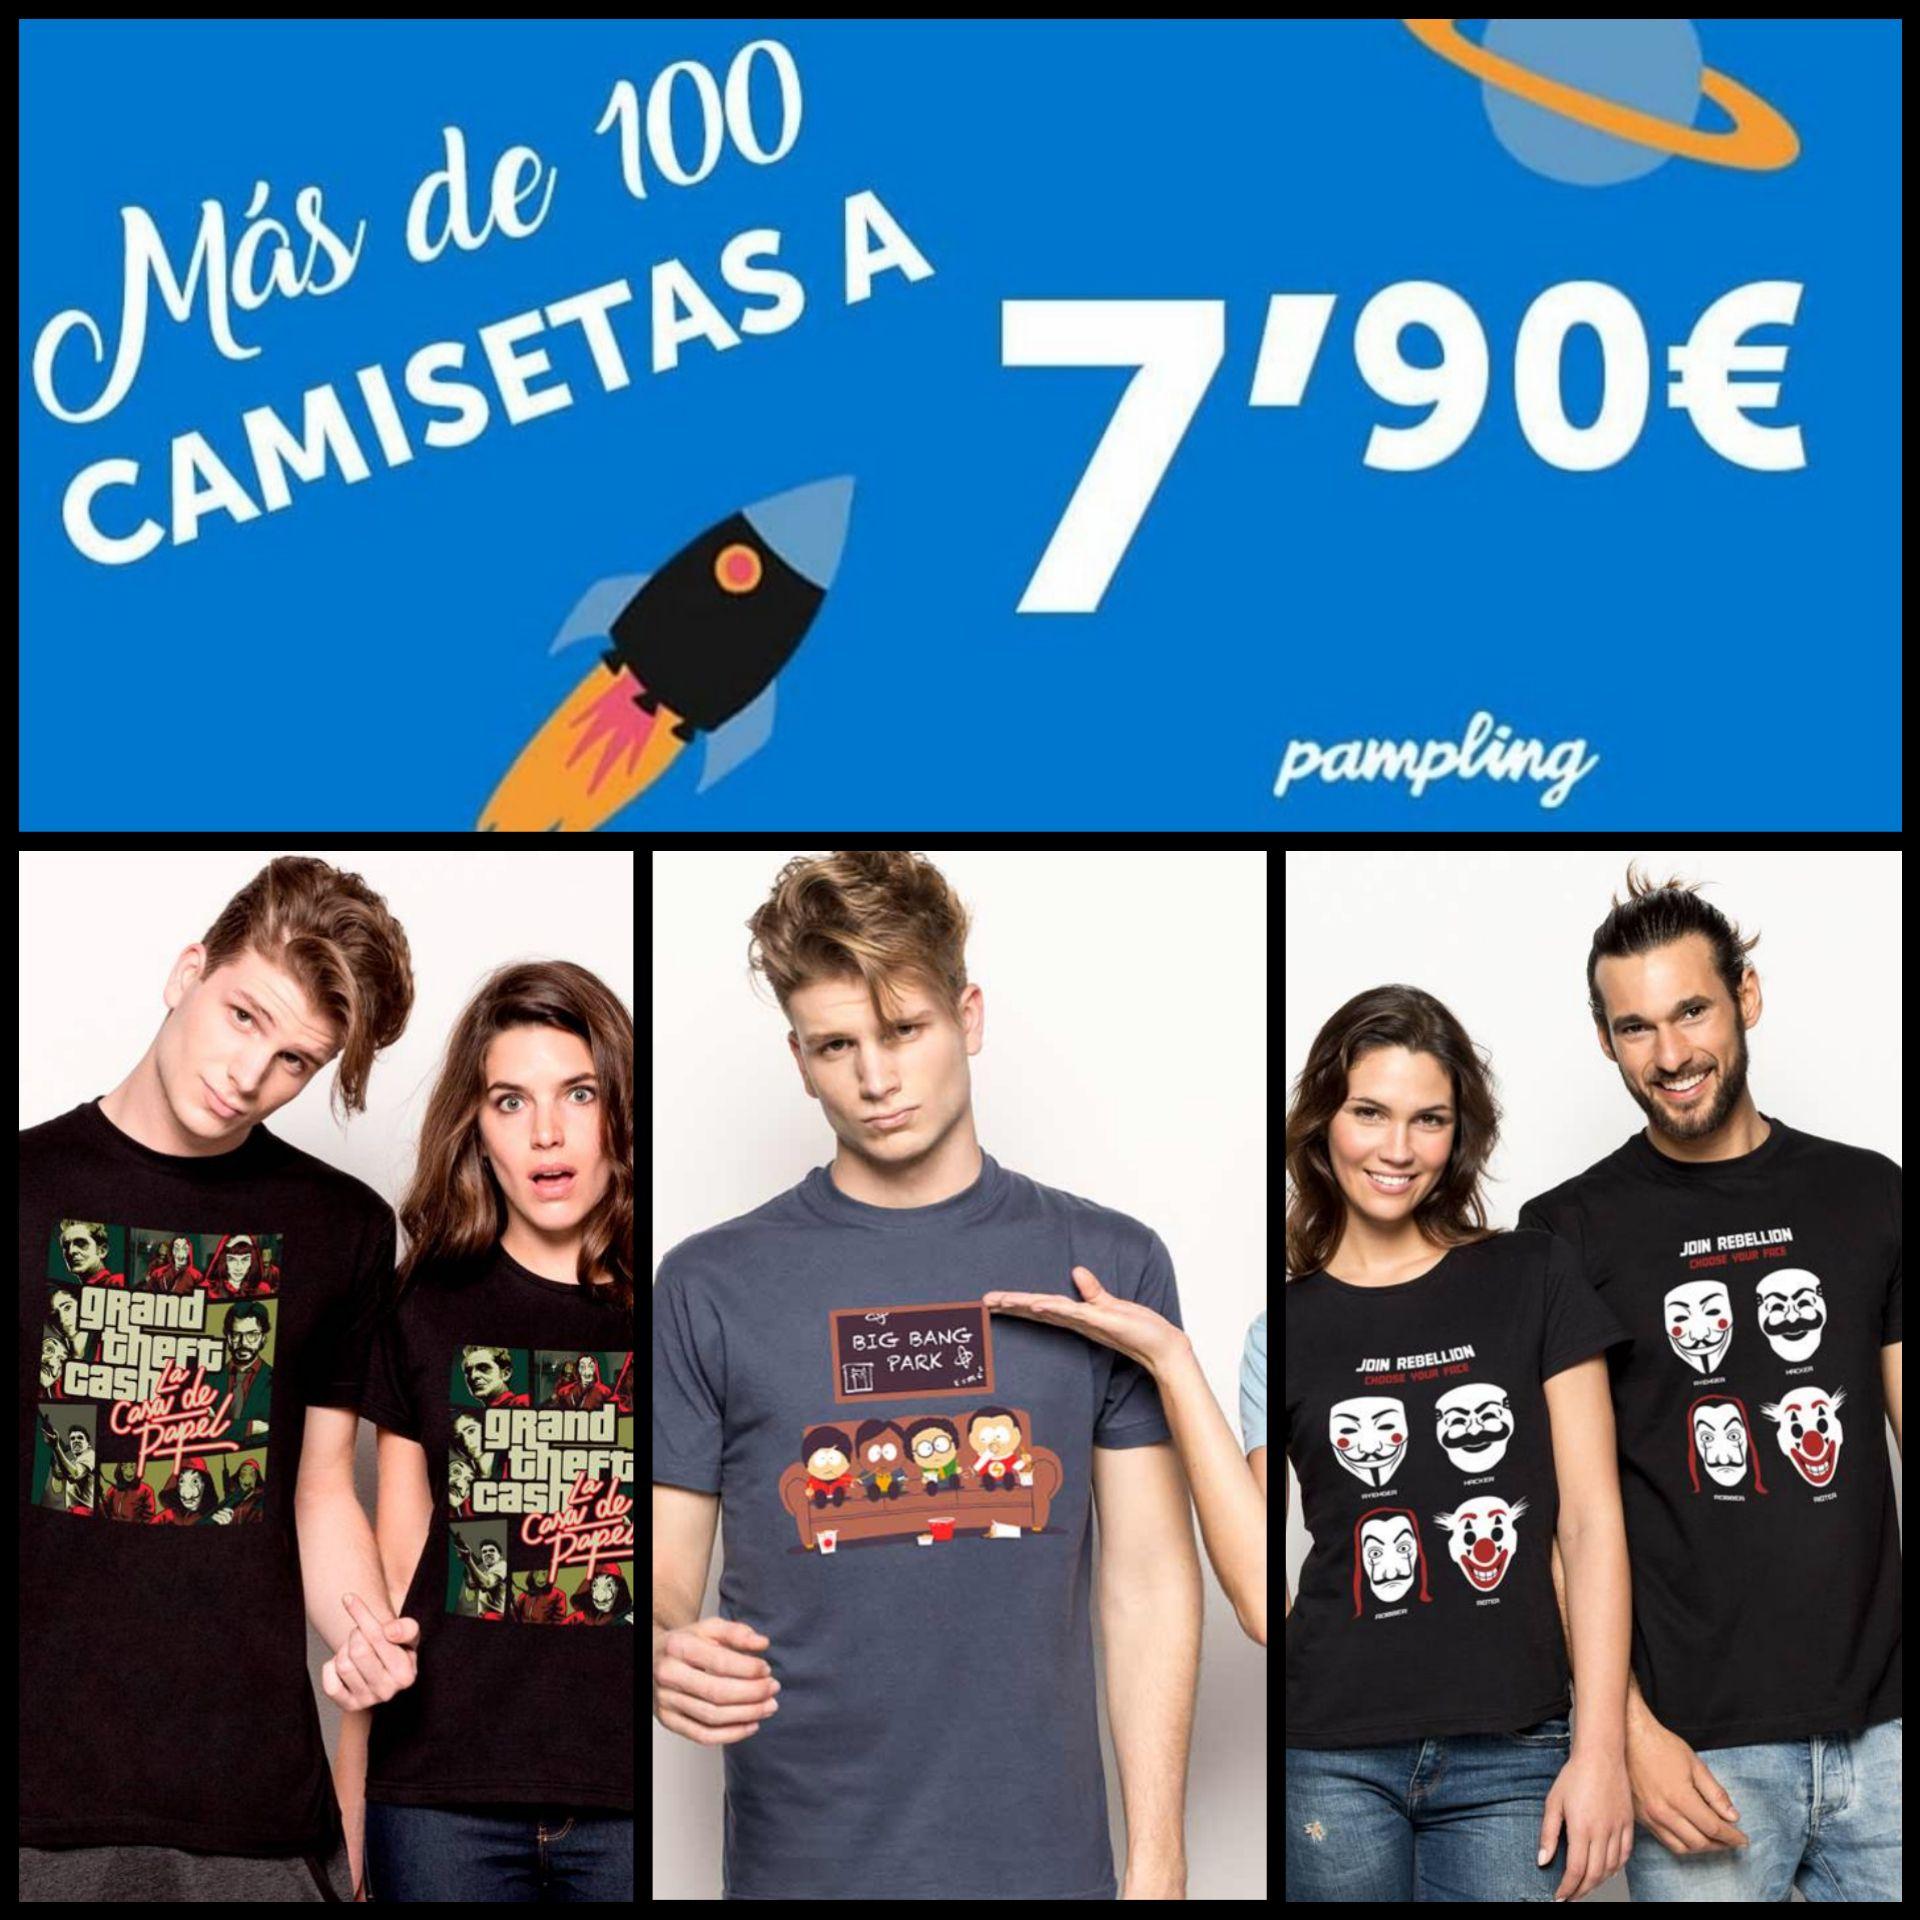 Camisetas Pampling por 7,90€ + 5€ de Descuento comprando 5